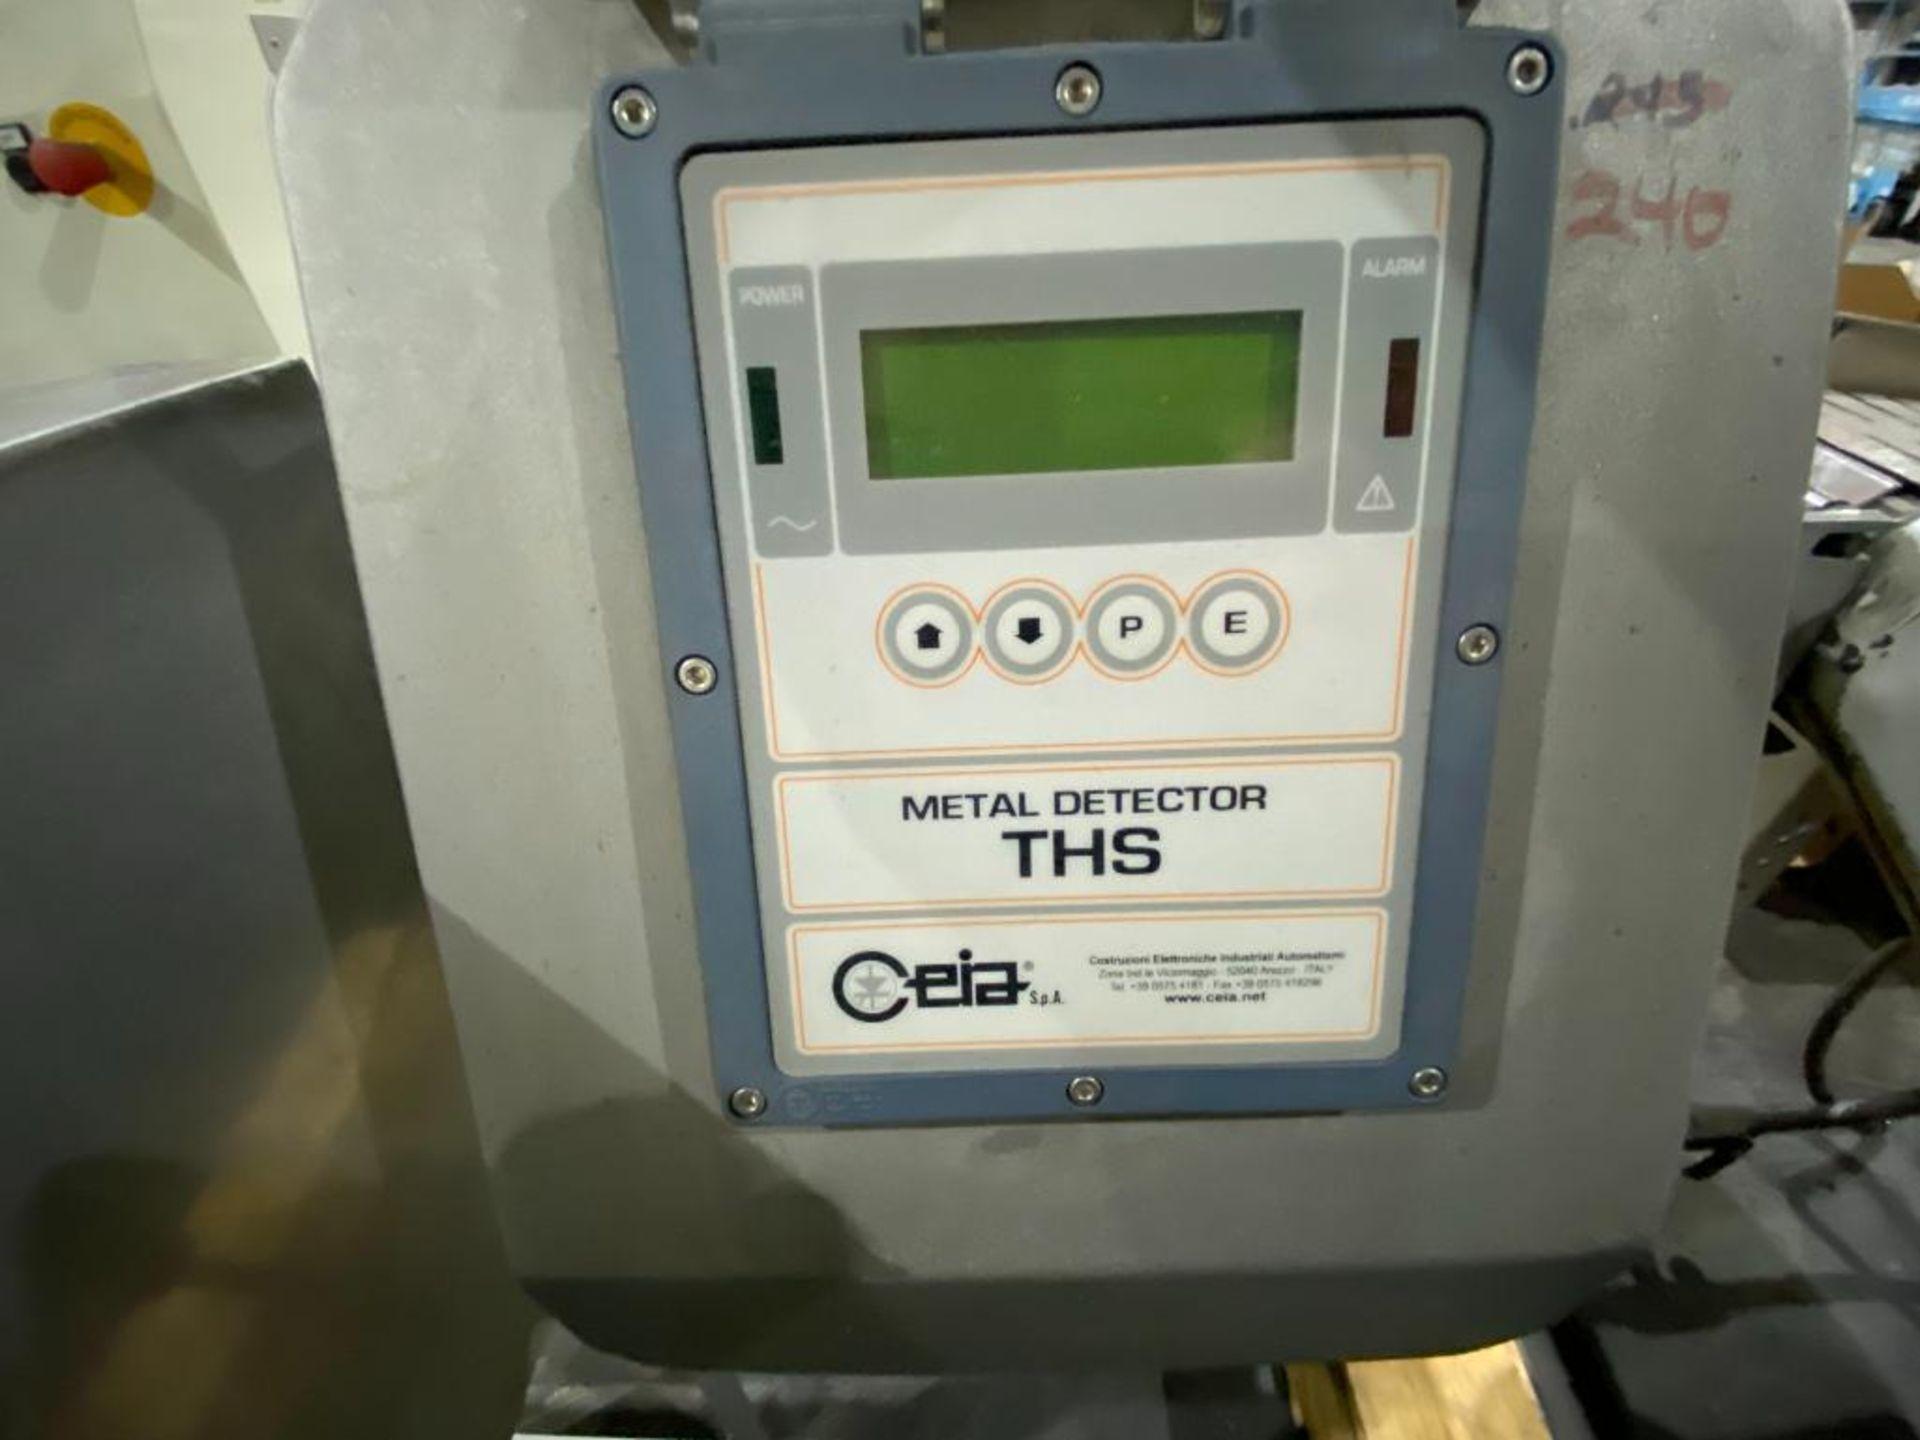 CEIA metal detector - Image 2 of 11